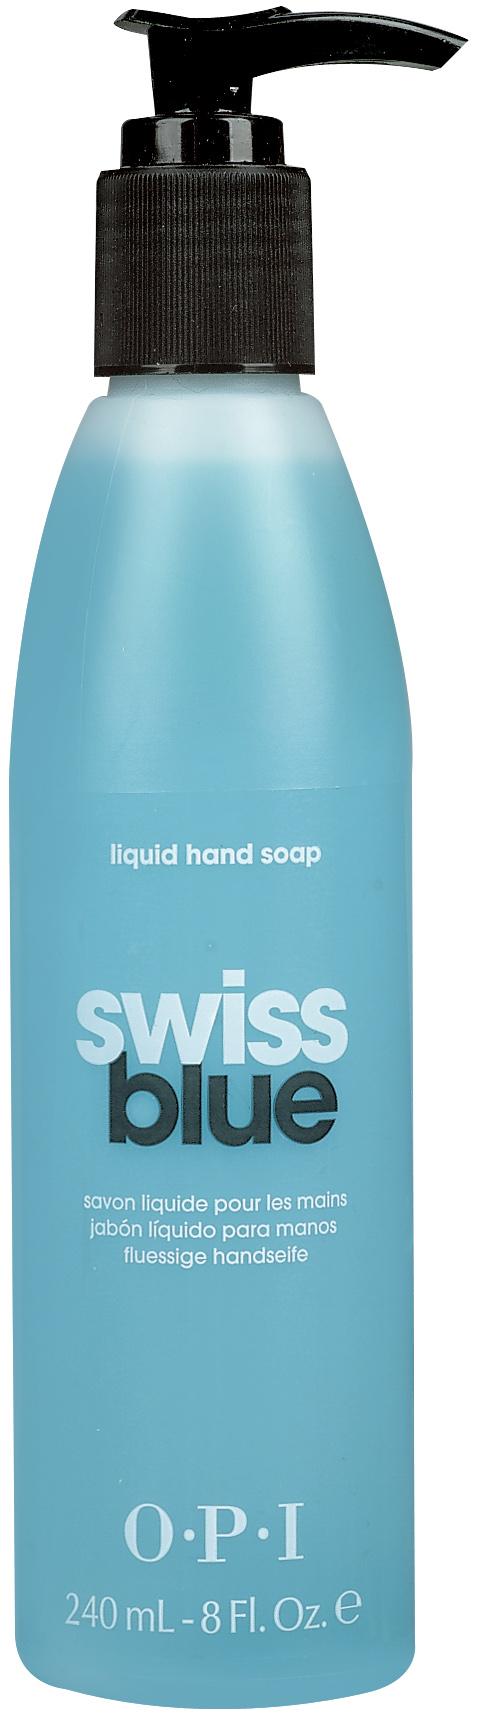 OPI Мыло для рук / Swiss Blue 240мл opi лосьон для рук и тела opi avoplex moisture replenishing lotion av711 30 мл